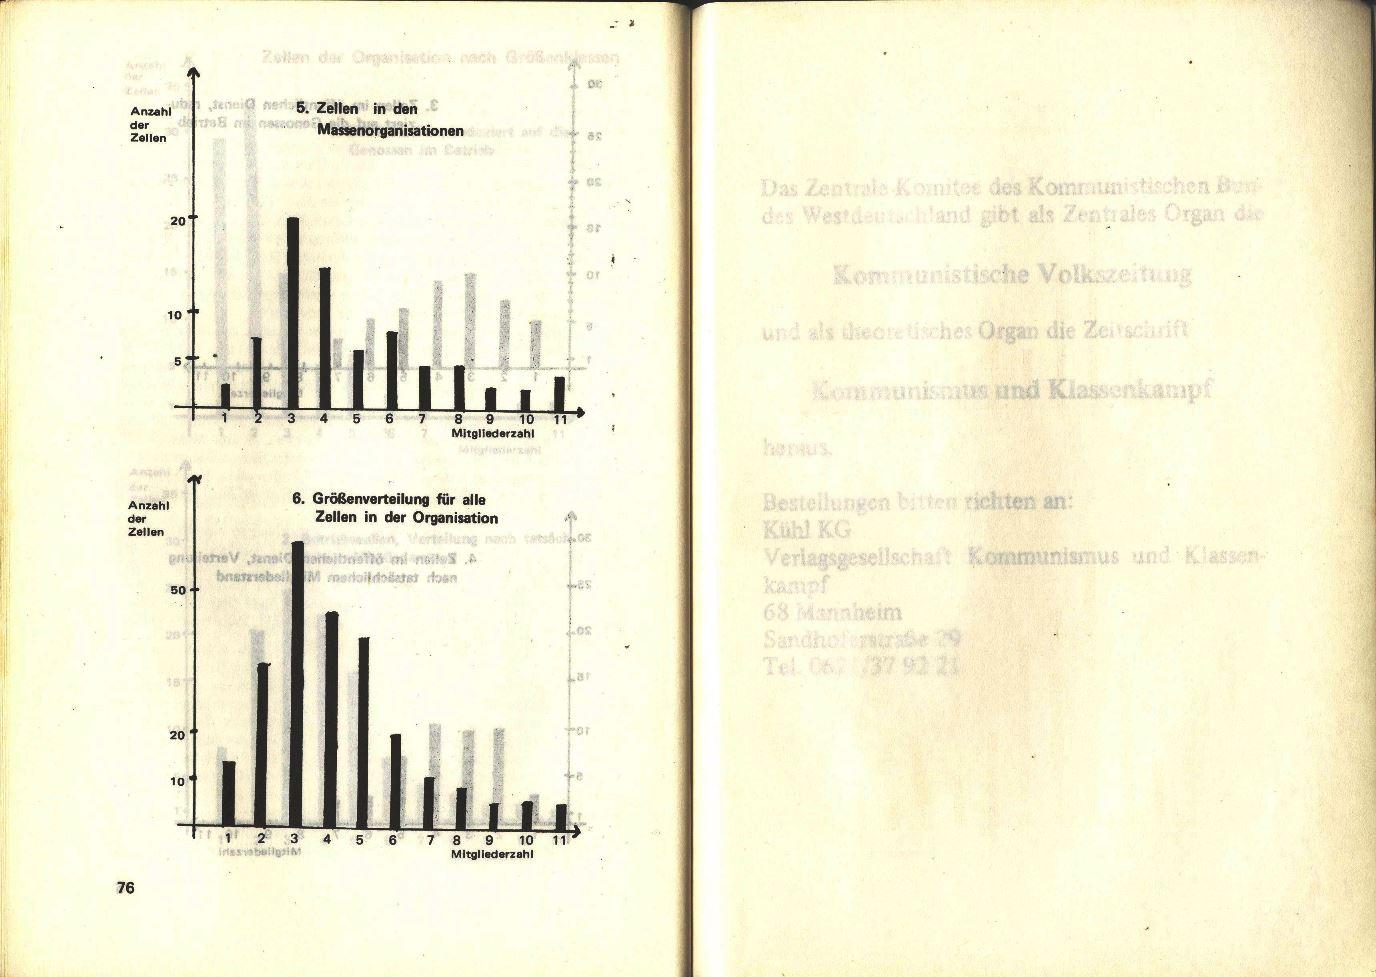 KBW_1974_Politischer_Bericht040